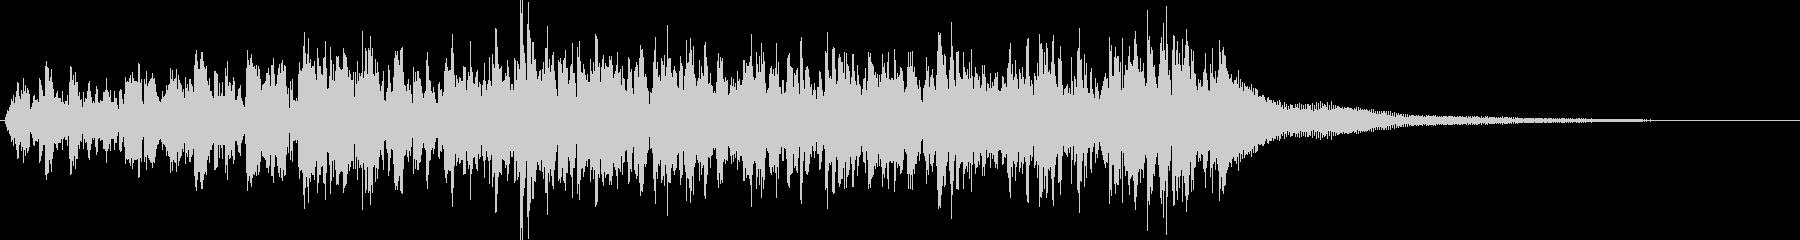 ティンパニ:ロングロール、ティンパ...の未再生の波形